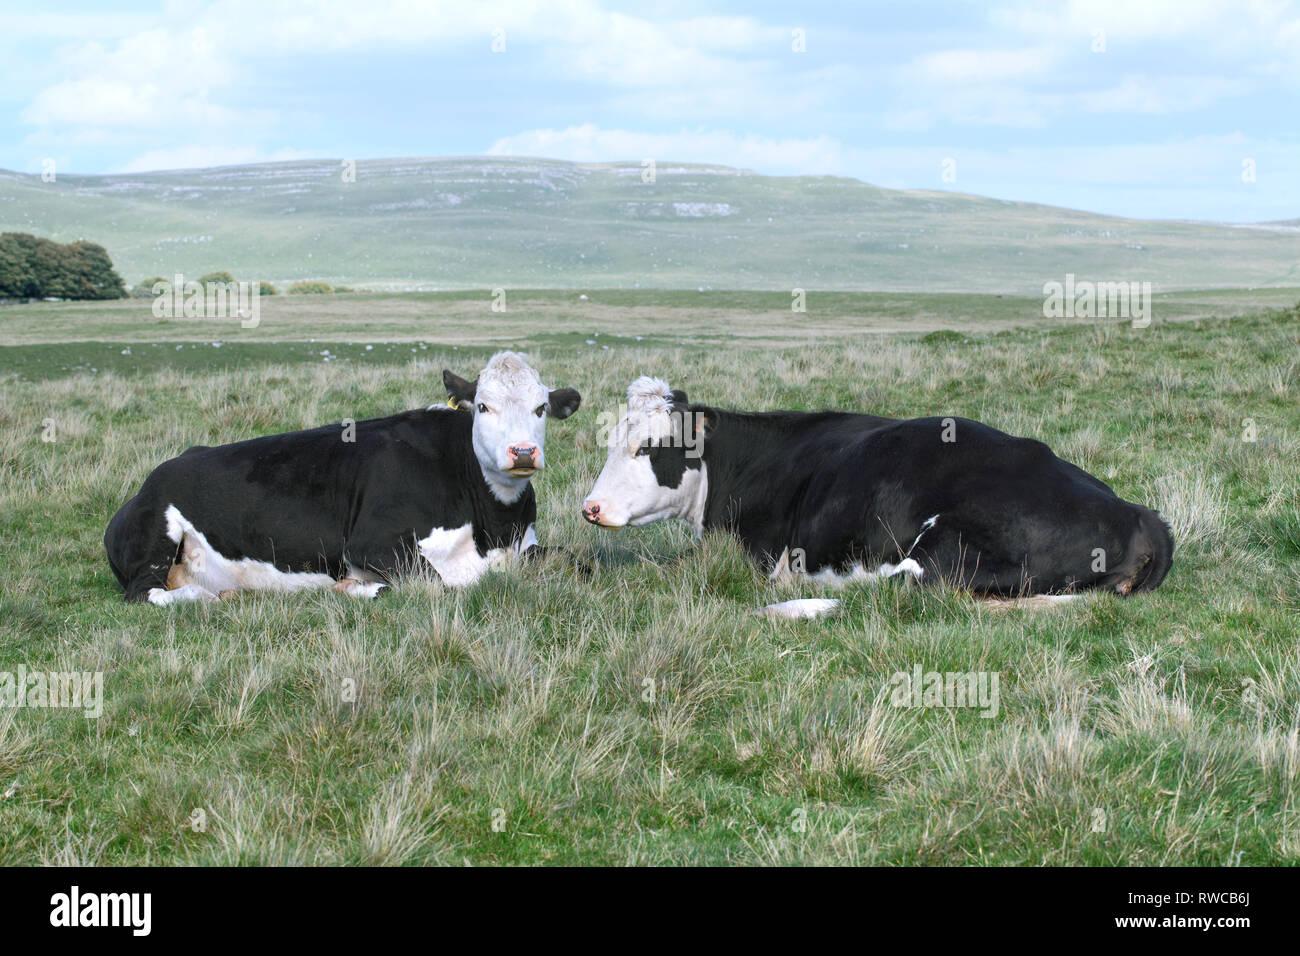 Les vaches sur les maures près de Malham Tarn dans le Yorkshire Dales. Une grande cicatrice étroite à l'arrière-plan. Banque D'Images